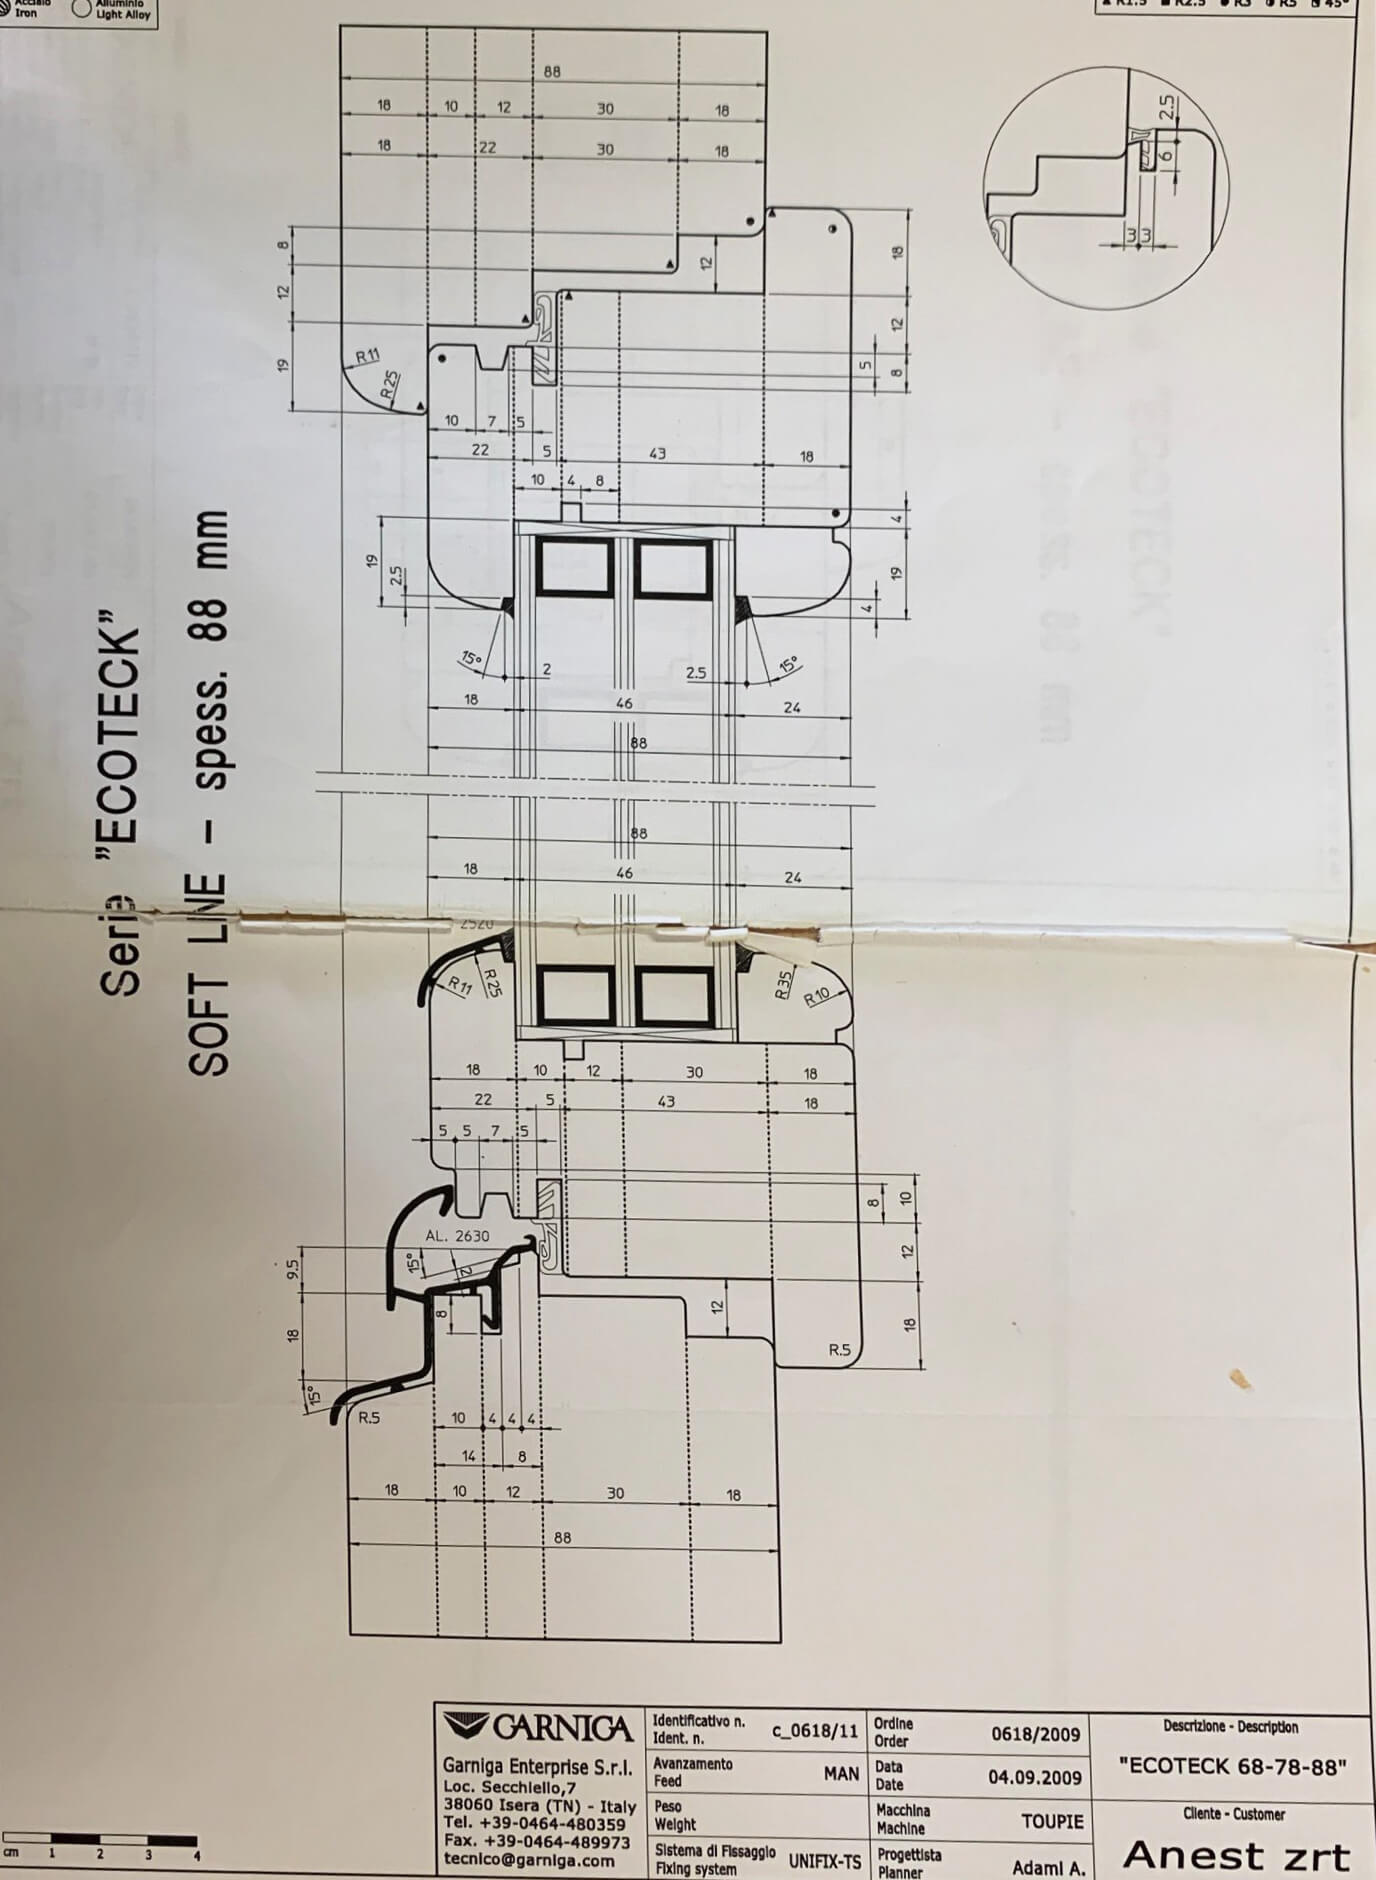 88mm-es profil metszete